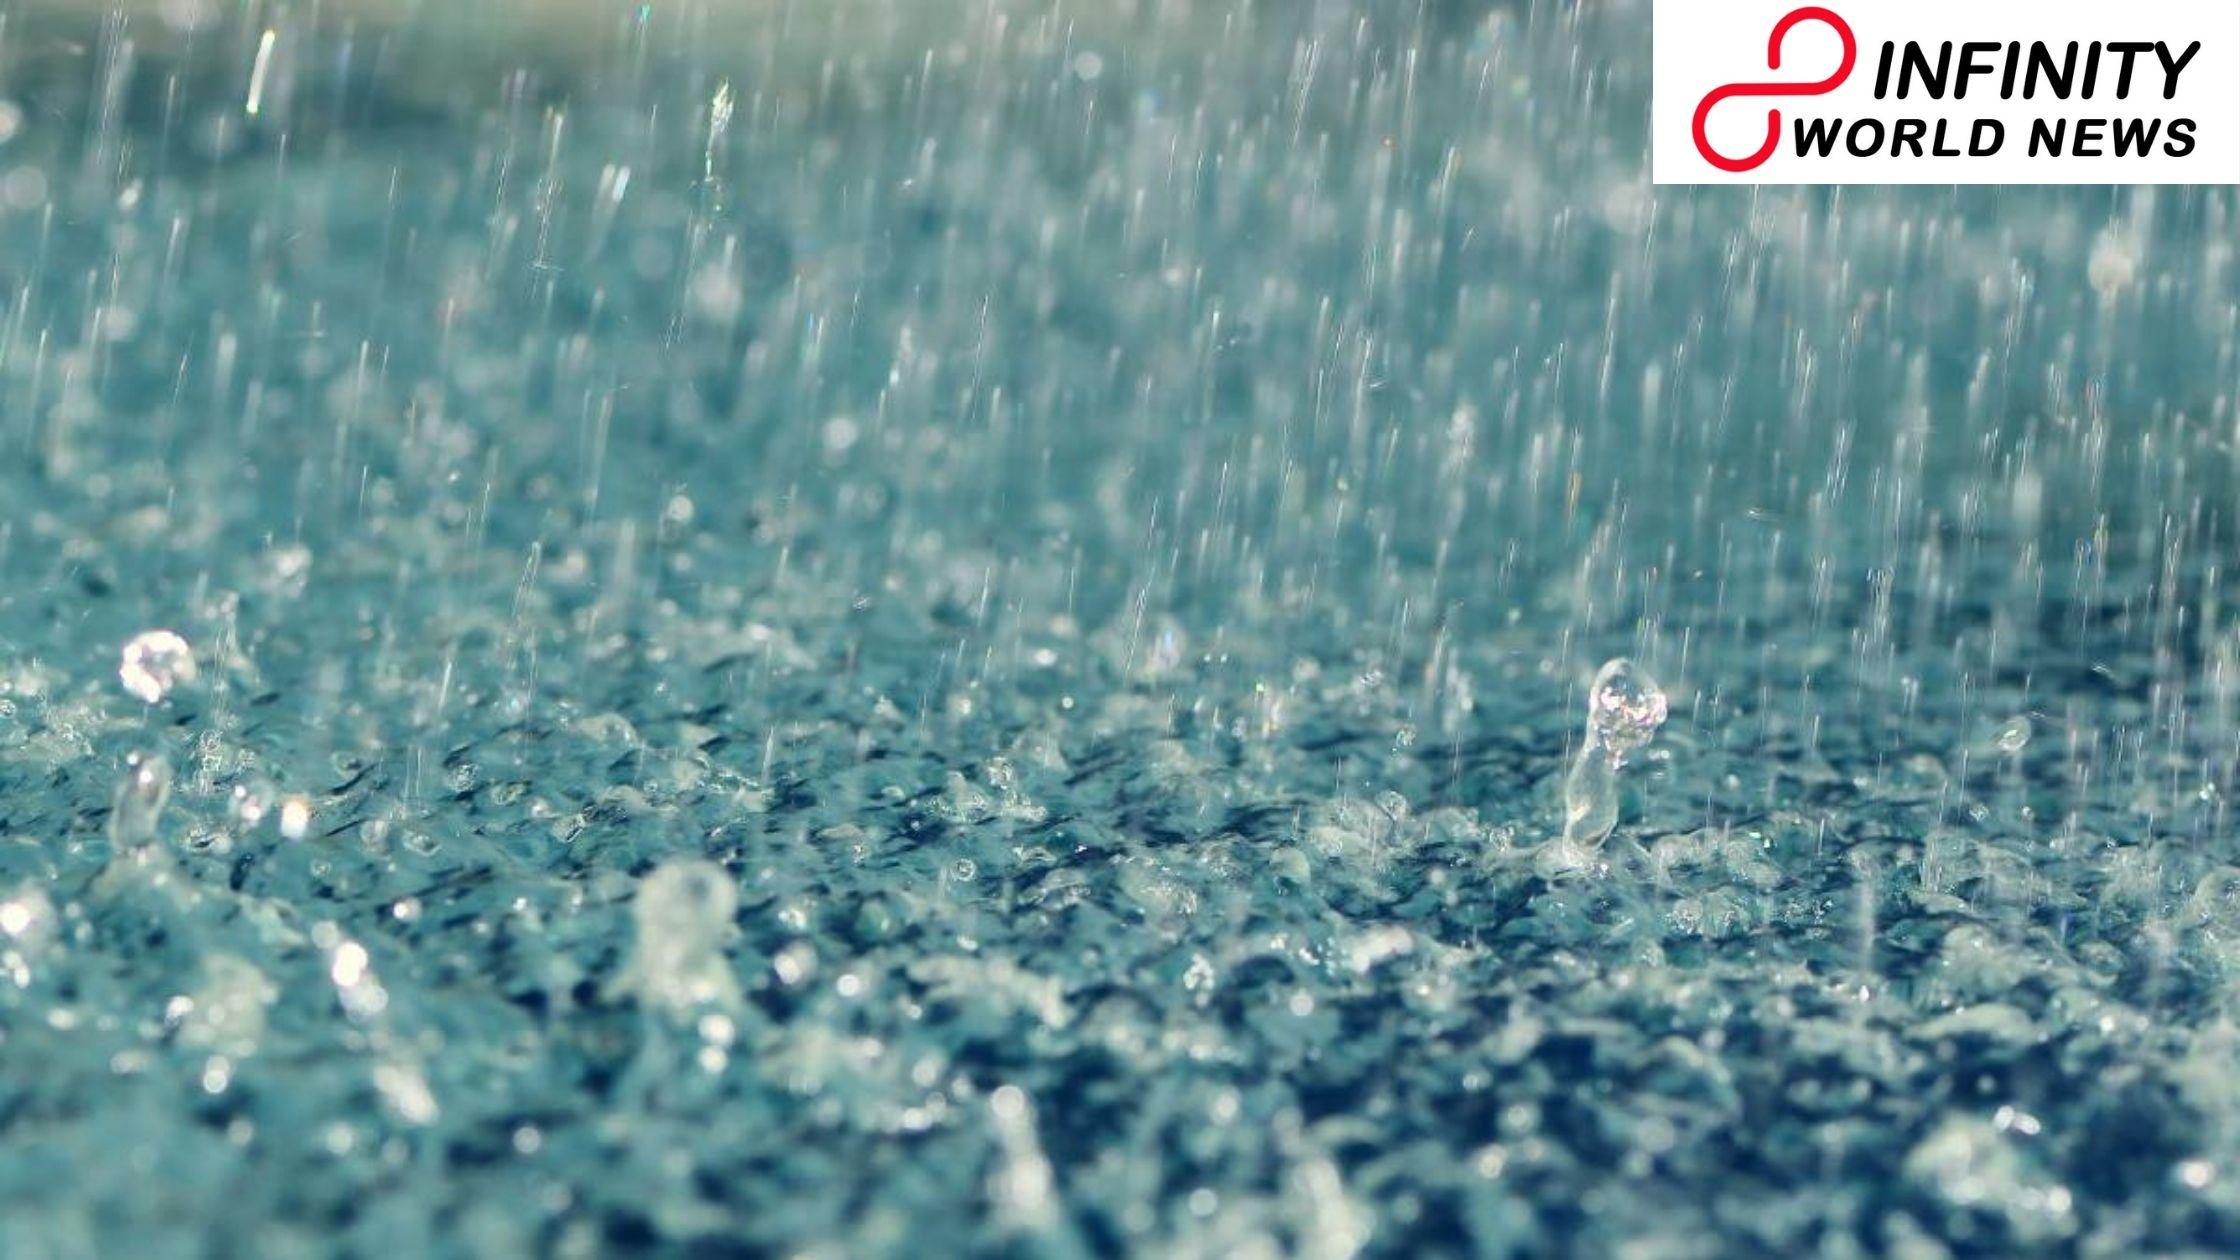 Weighty Rainfall Expected Over Arunachal Pradesh, Odisha, Bihar, Madhya Pradesh